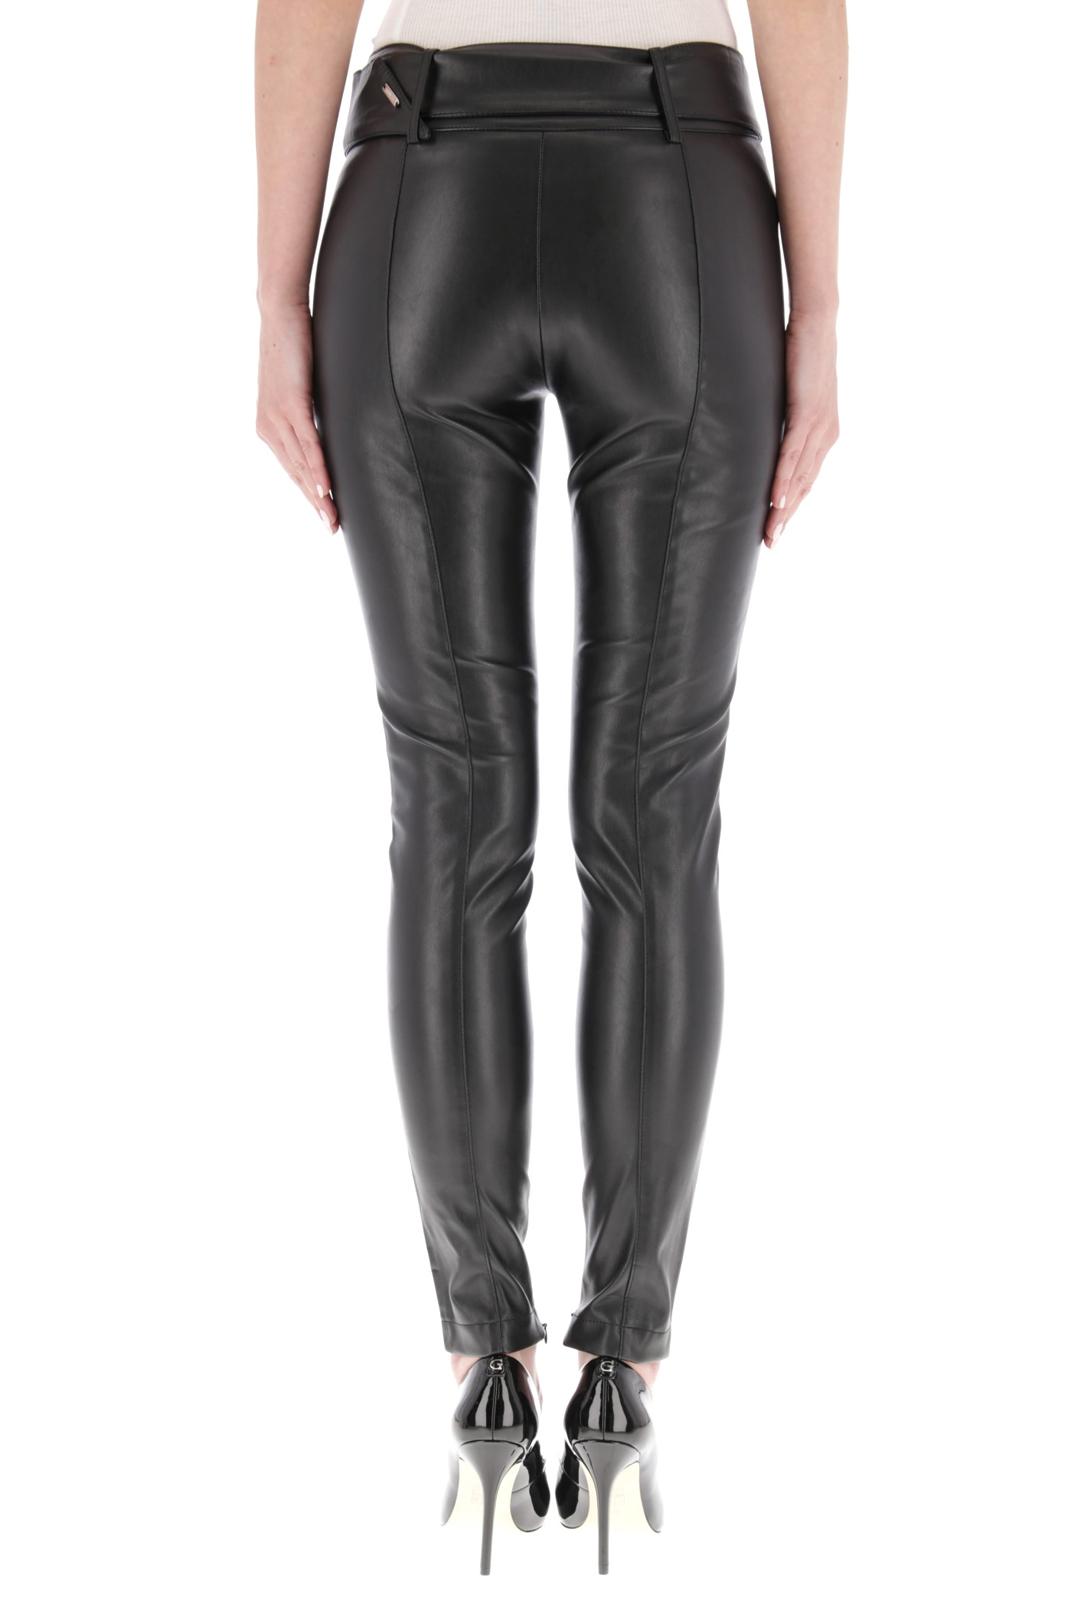 Pantalons  Guess jeans W84B34 WAOO0 Jet Black A996